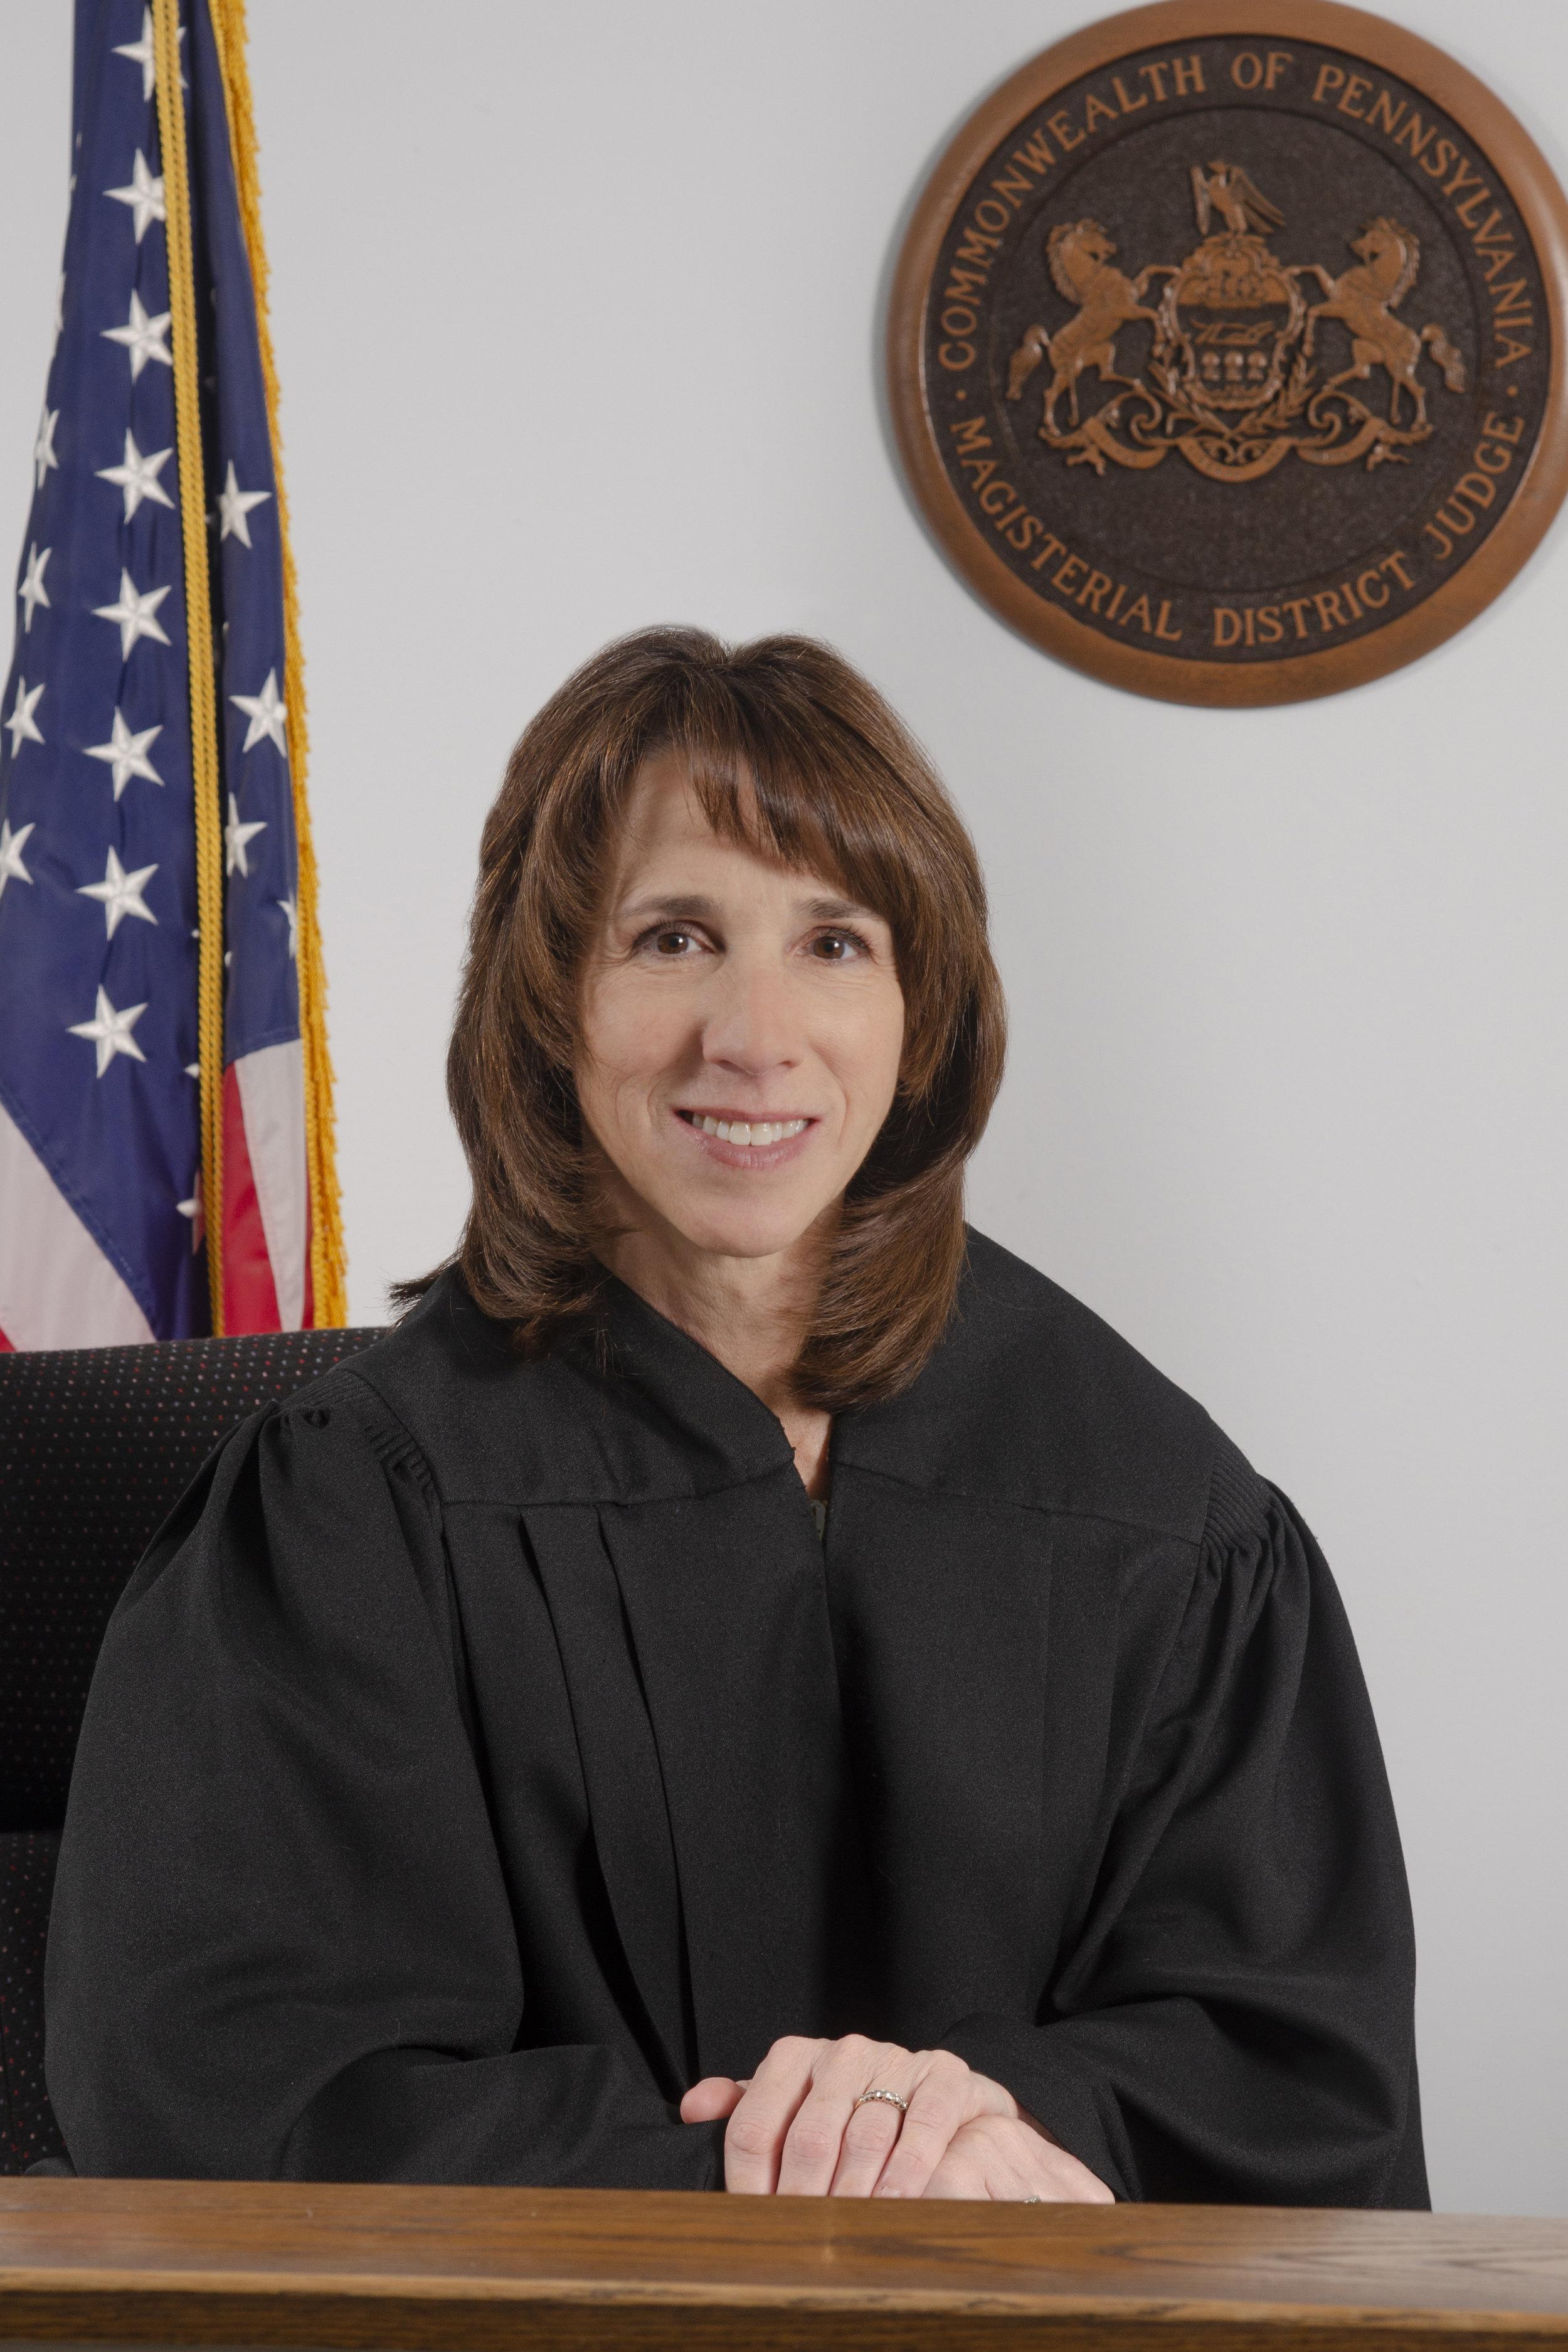 Deborah Krull - Magisterial District Judge 32-1-28